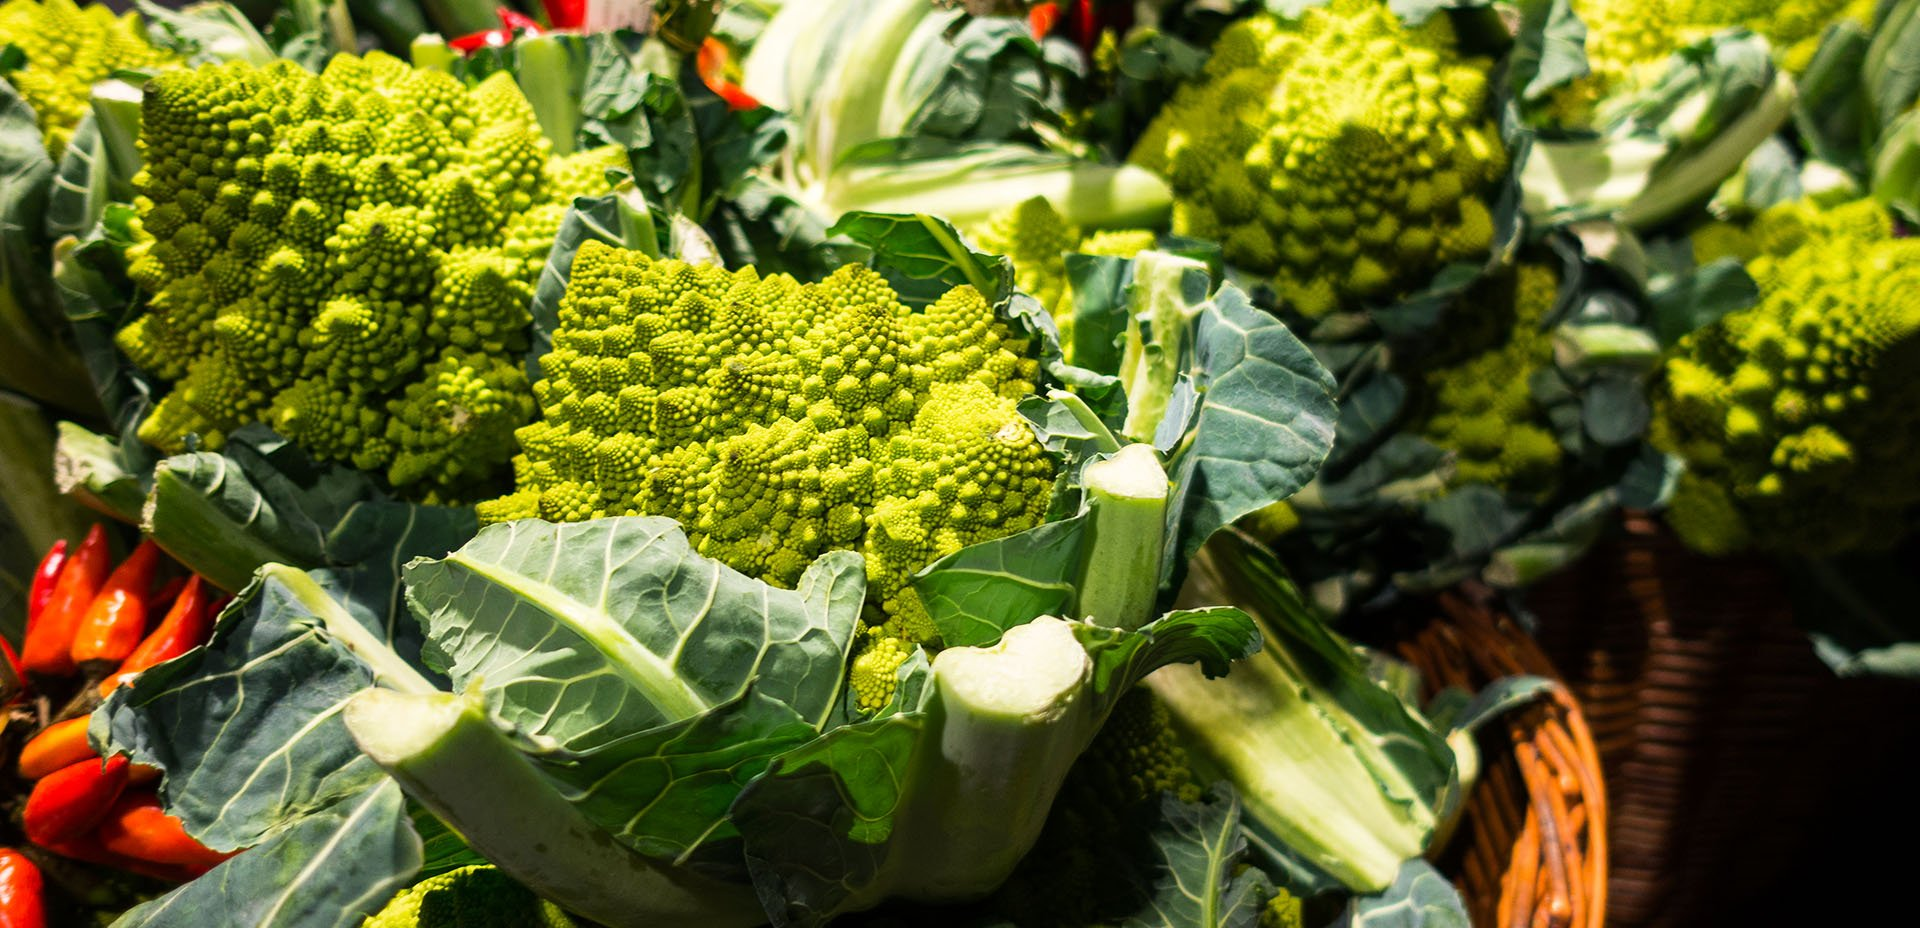 broccolo romano (romanesco)